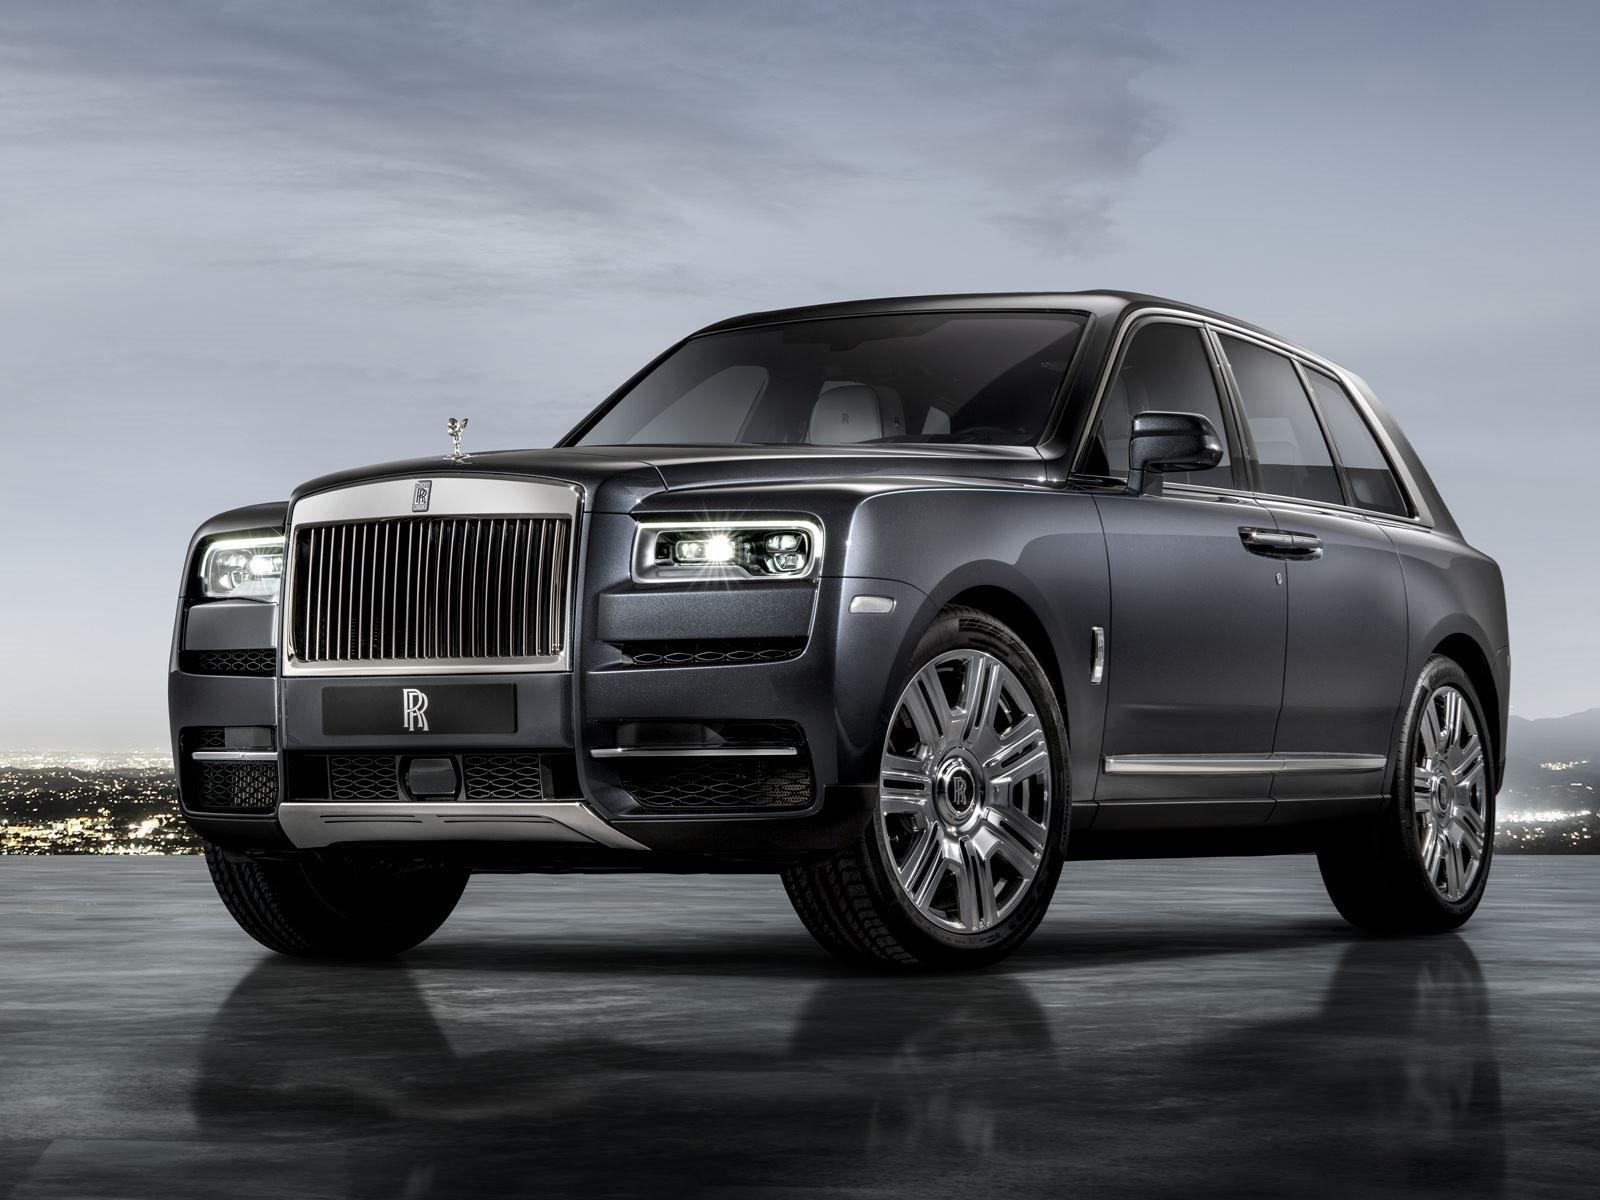 Rolls-Royce mở rộng sản xuất Cullinan để đáp ứng nhu cầu phái nữ